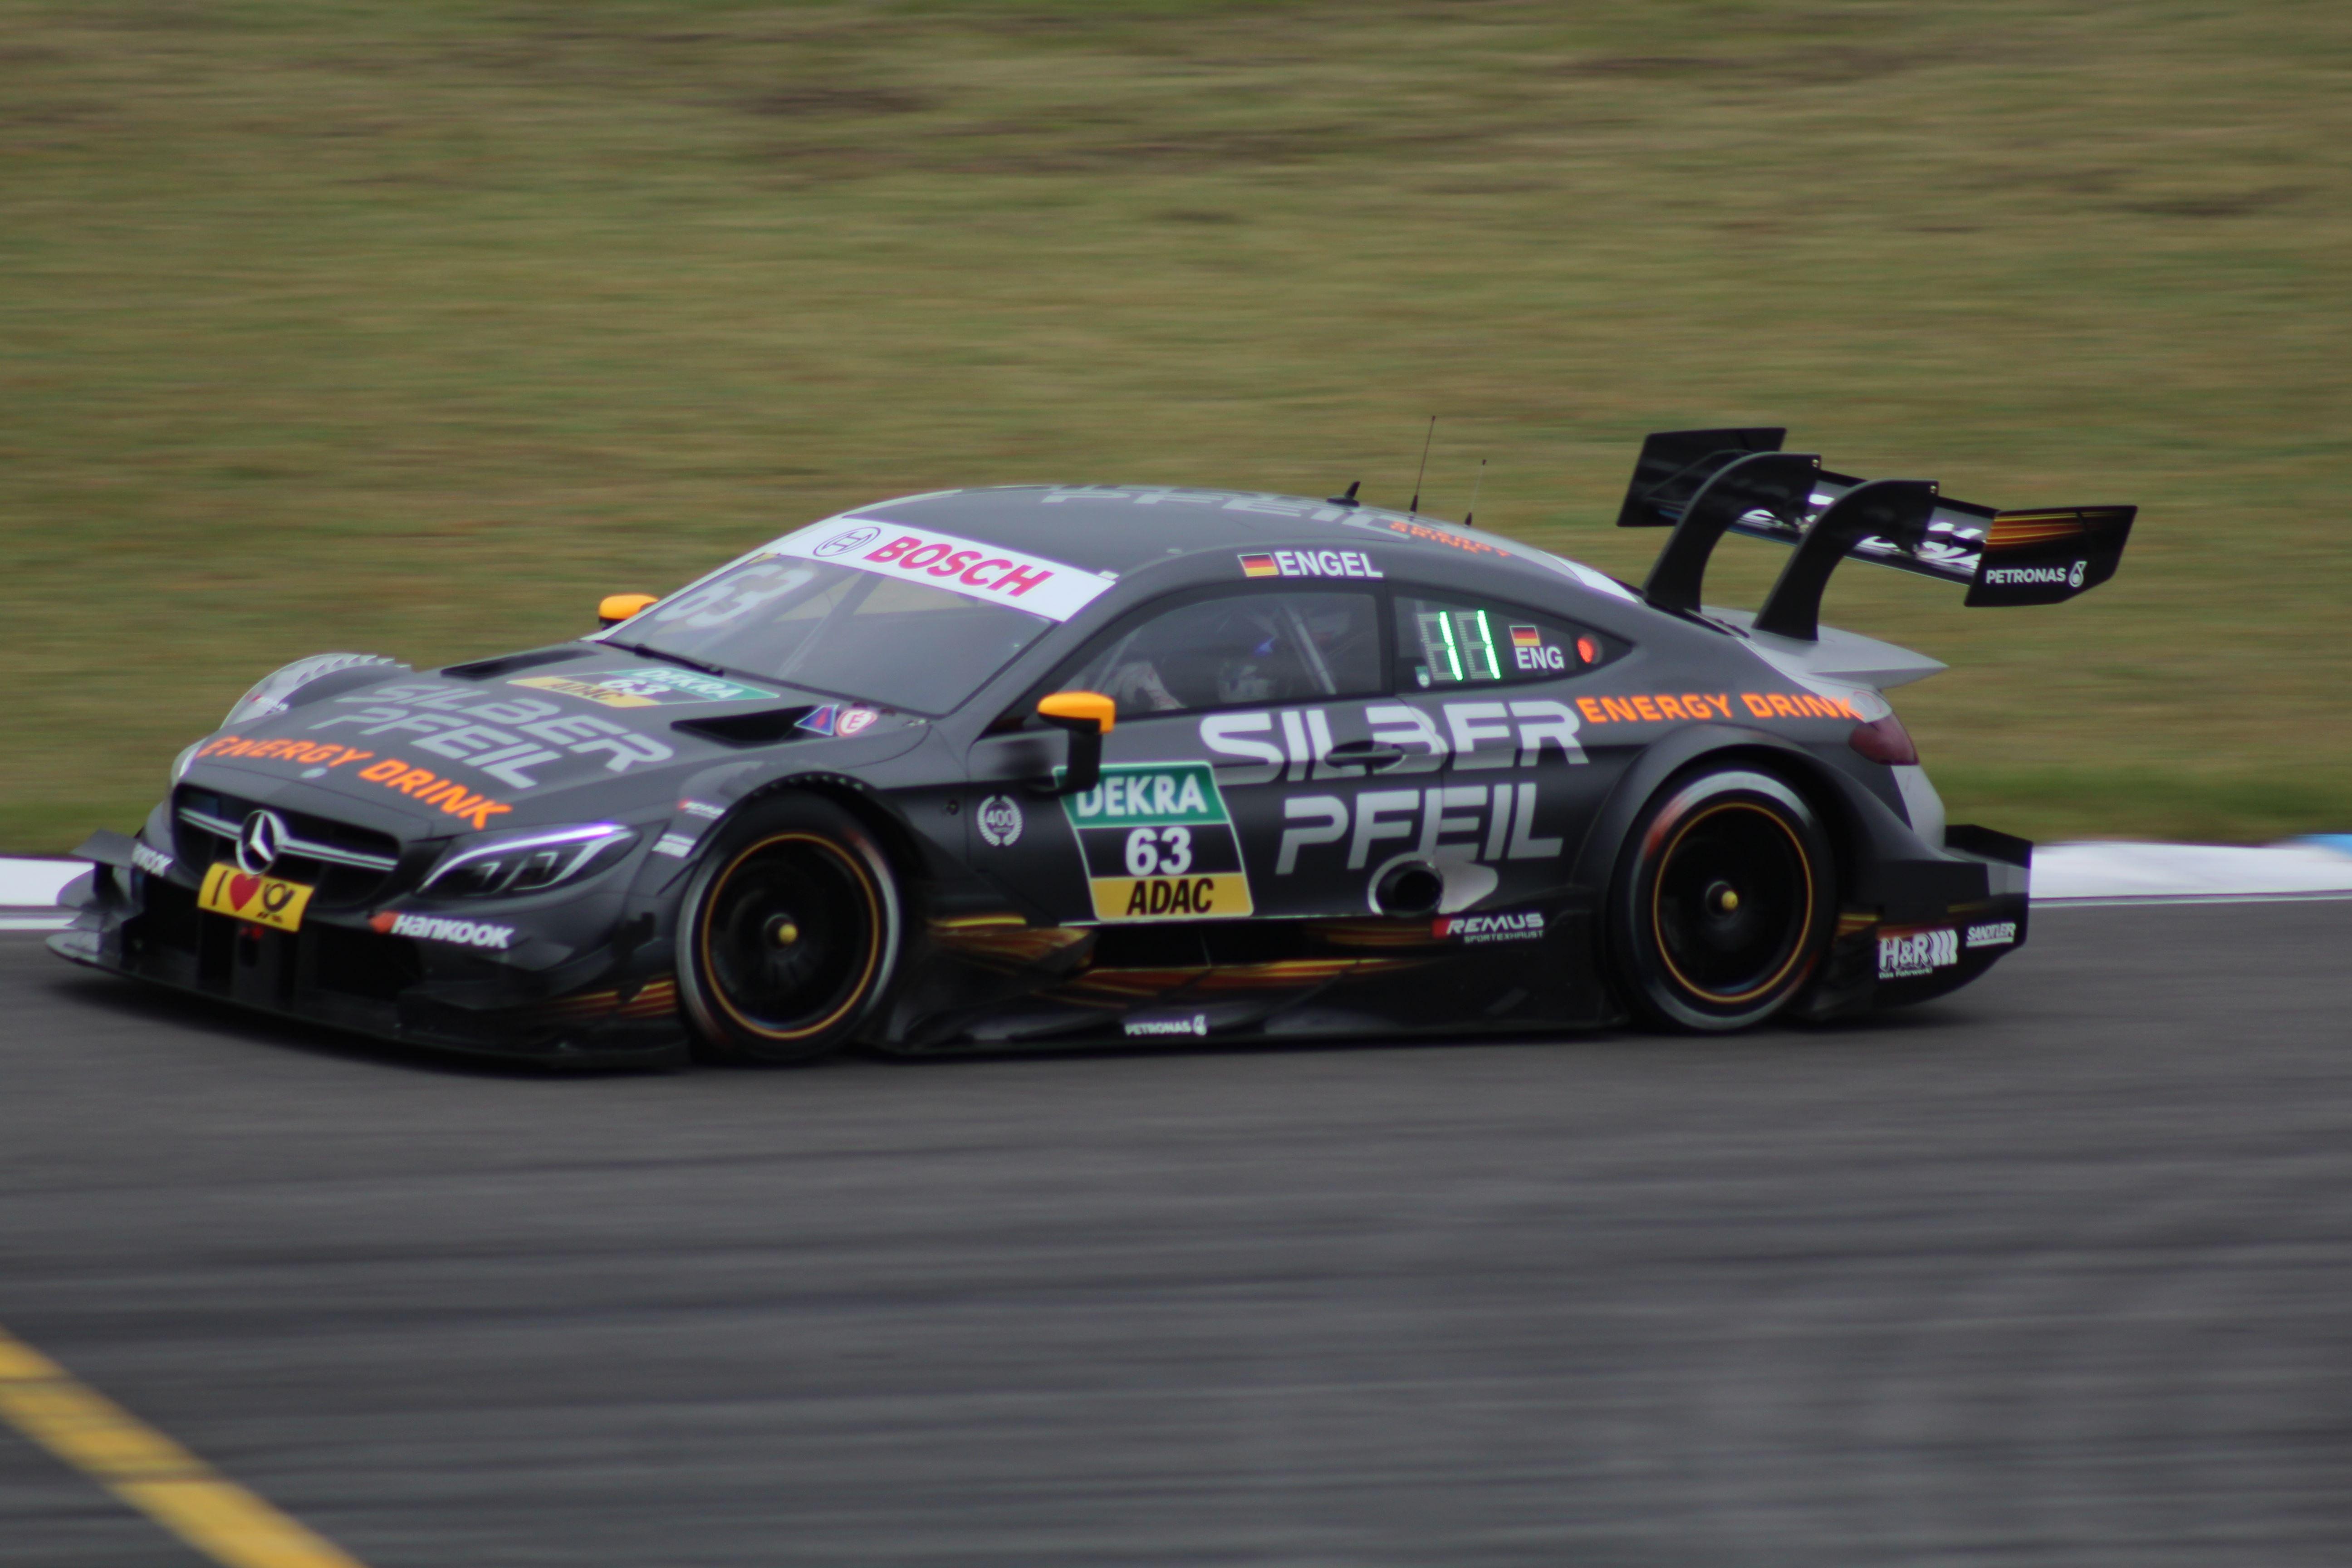 Surprising Winner In Moscow Racing24 7 Net